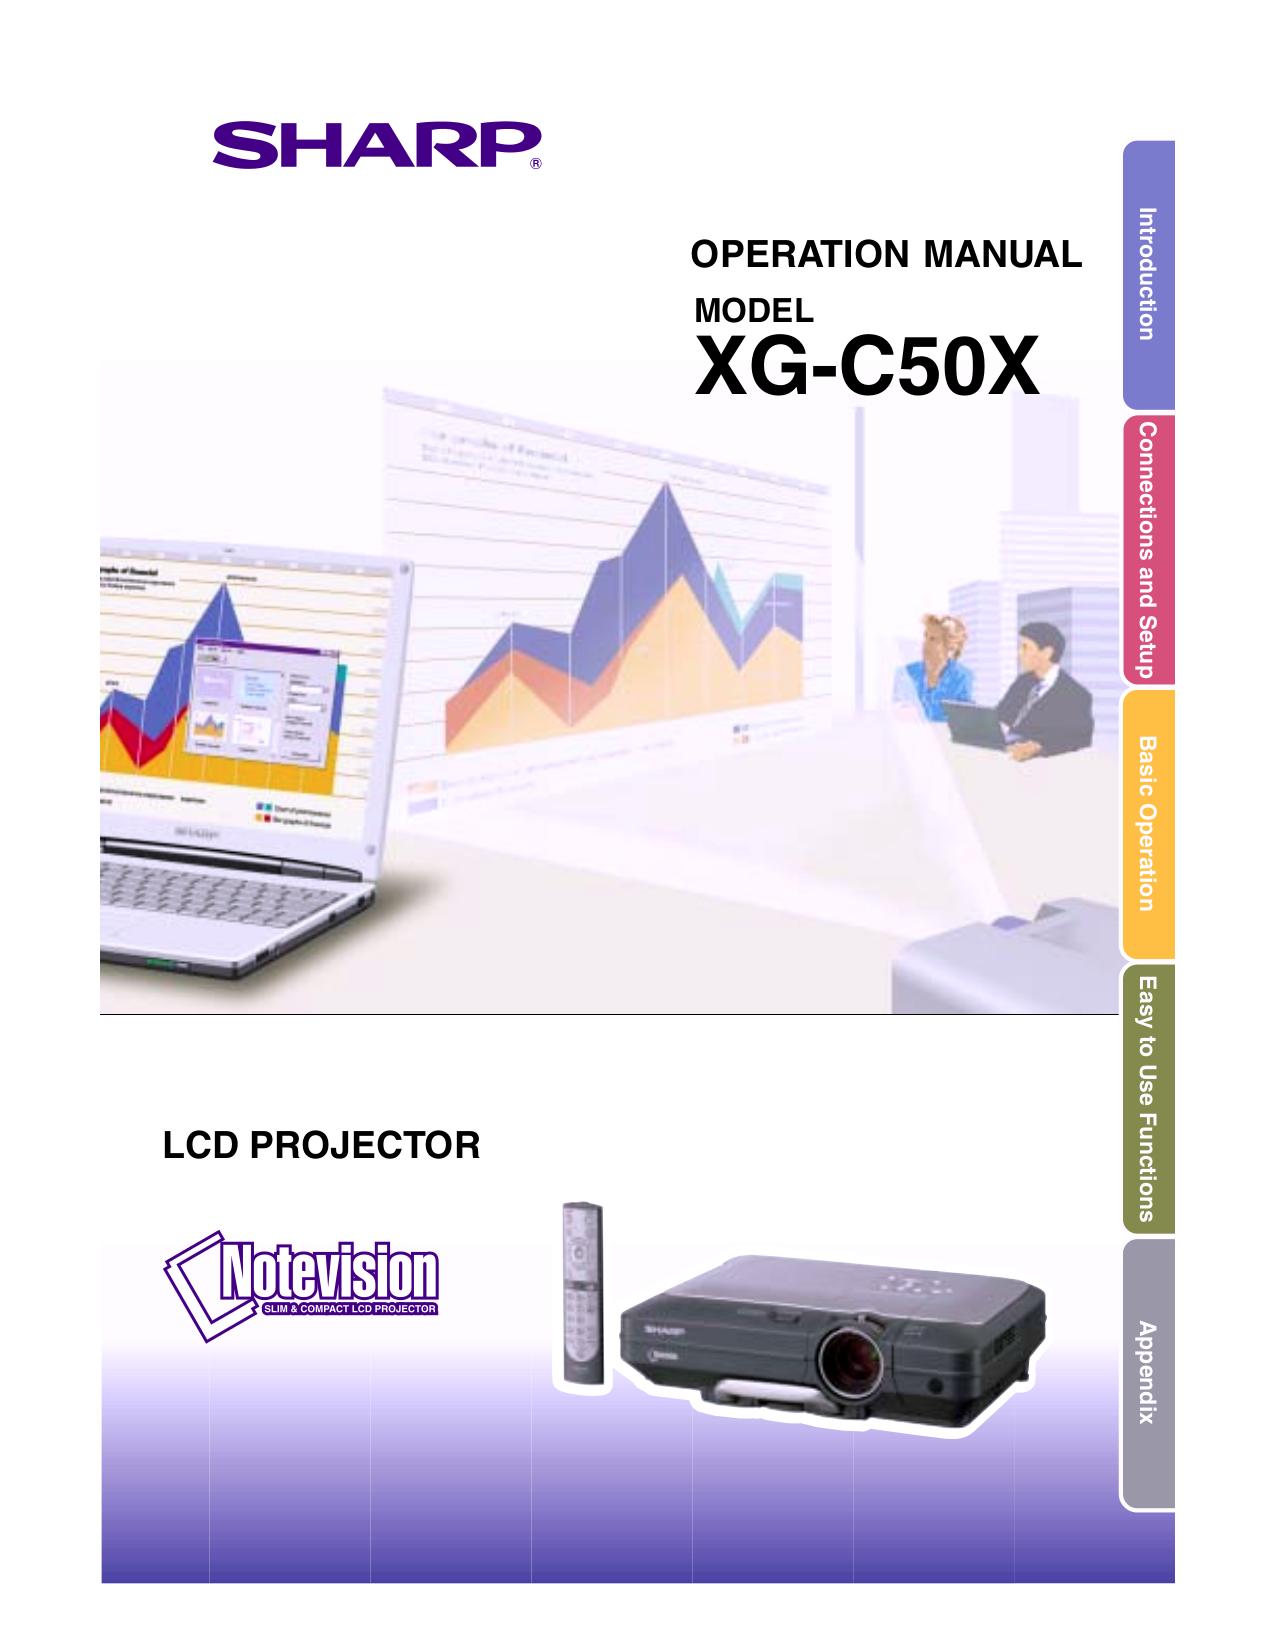 Sharp pg-f312x notevision xga dlp projector manuals.